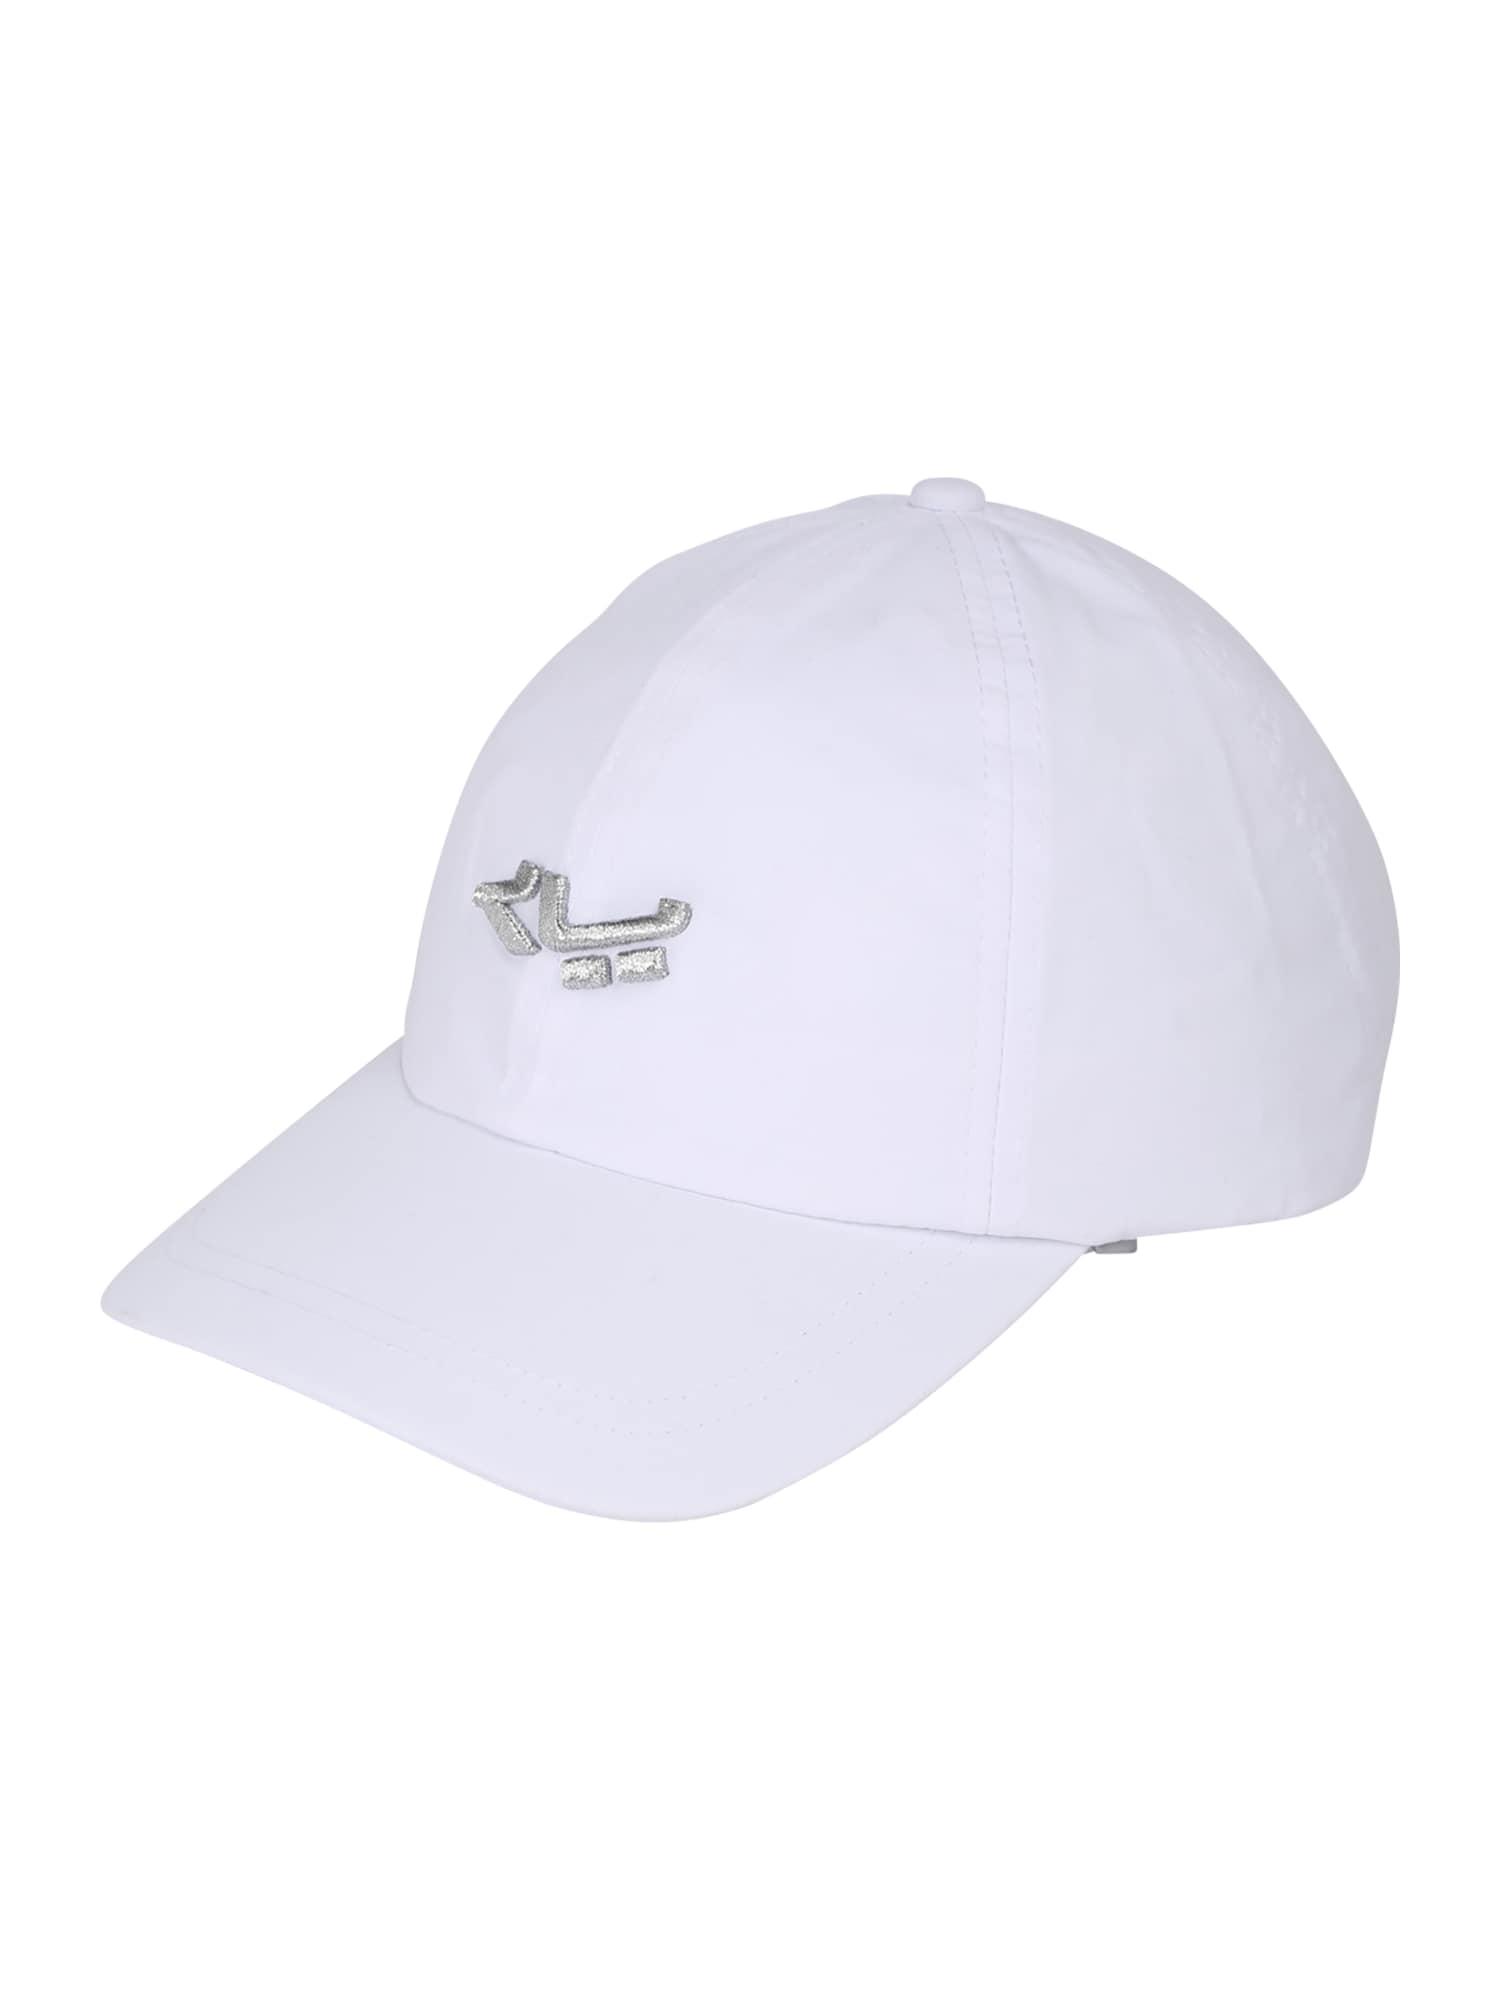 Röhnisch Sportinė kepurė balta / sidabrinė